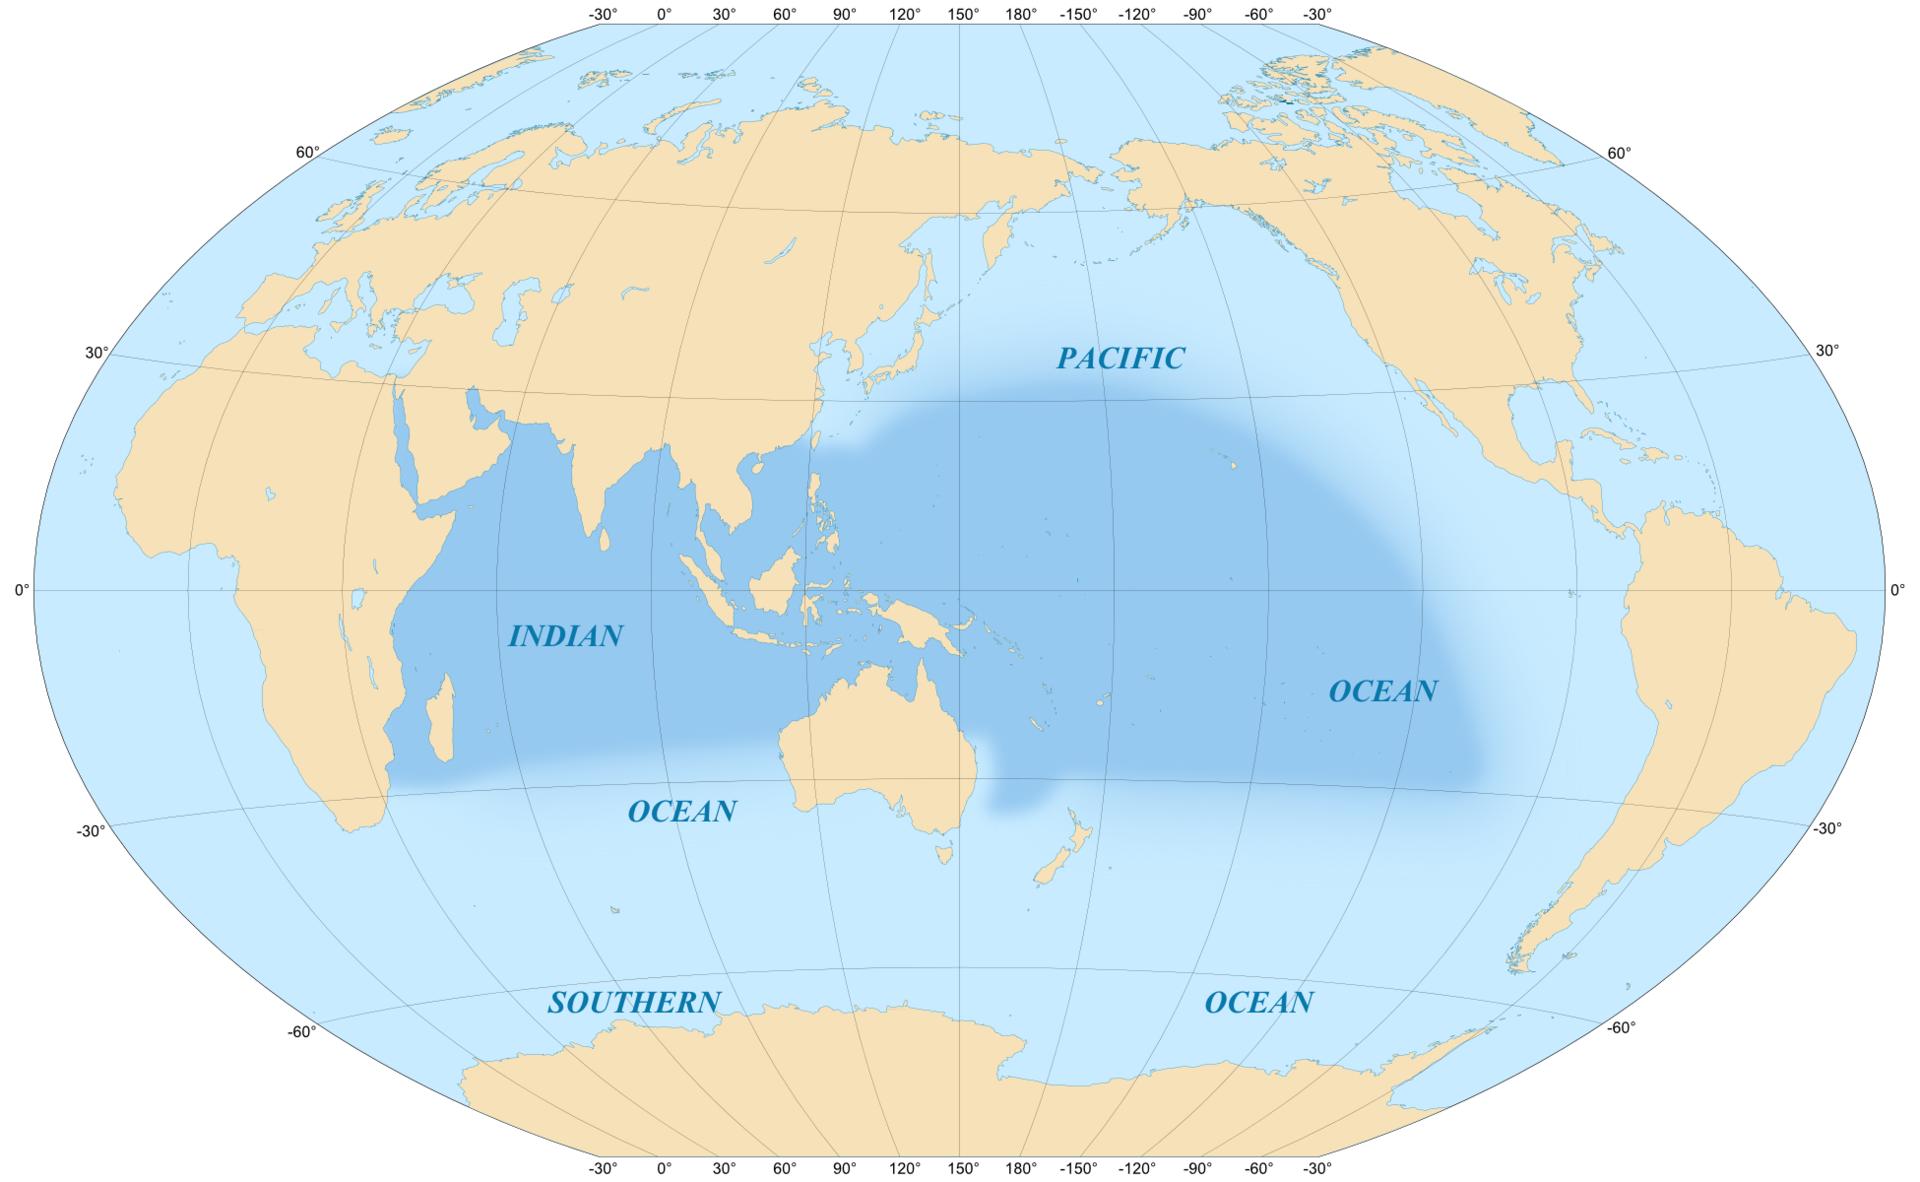 Vùng biển Ấn Độ - Thái Bình Dương (phần màu đậm trong bản đồ).